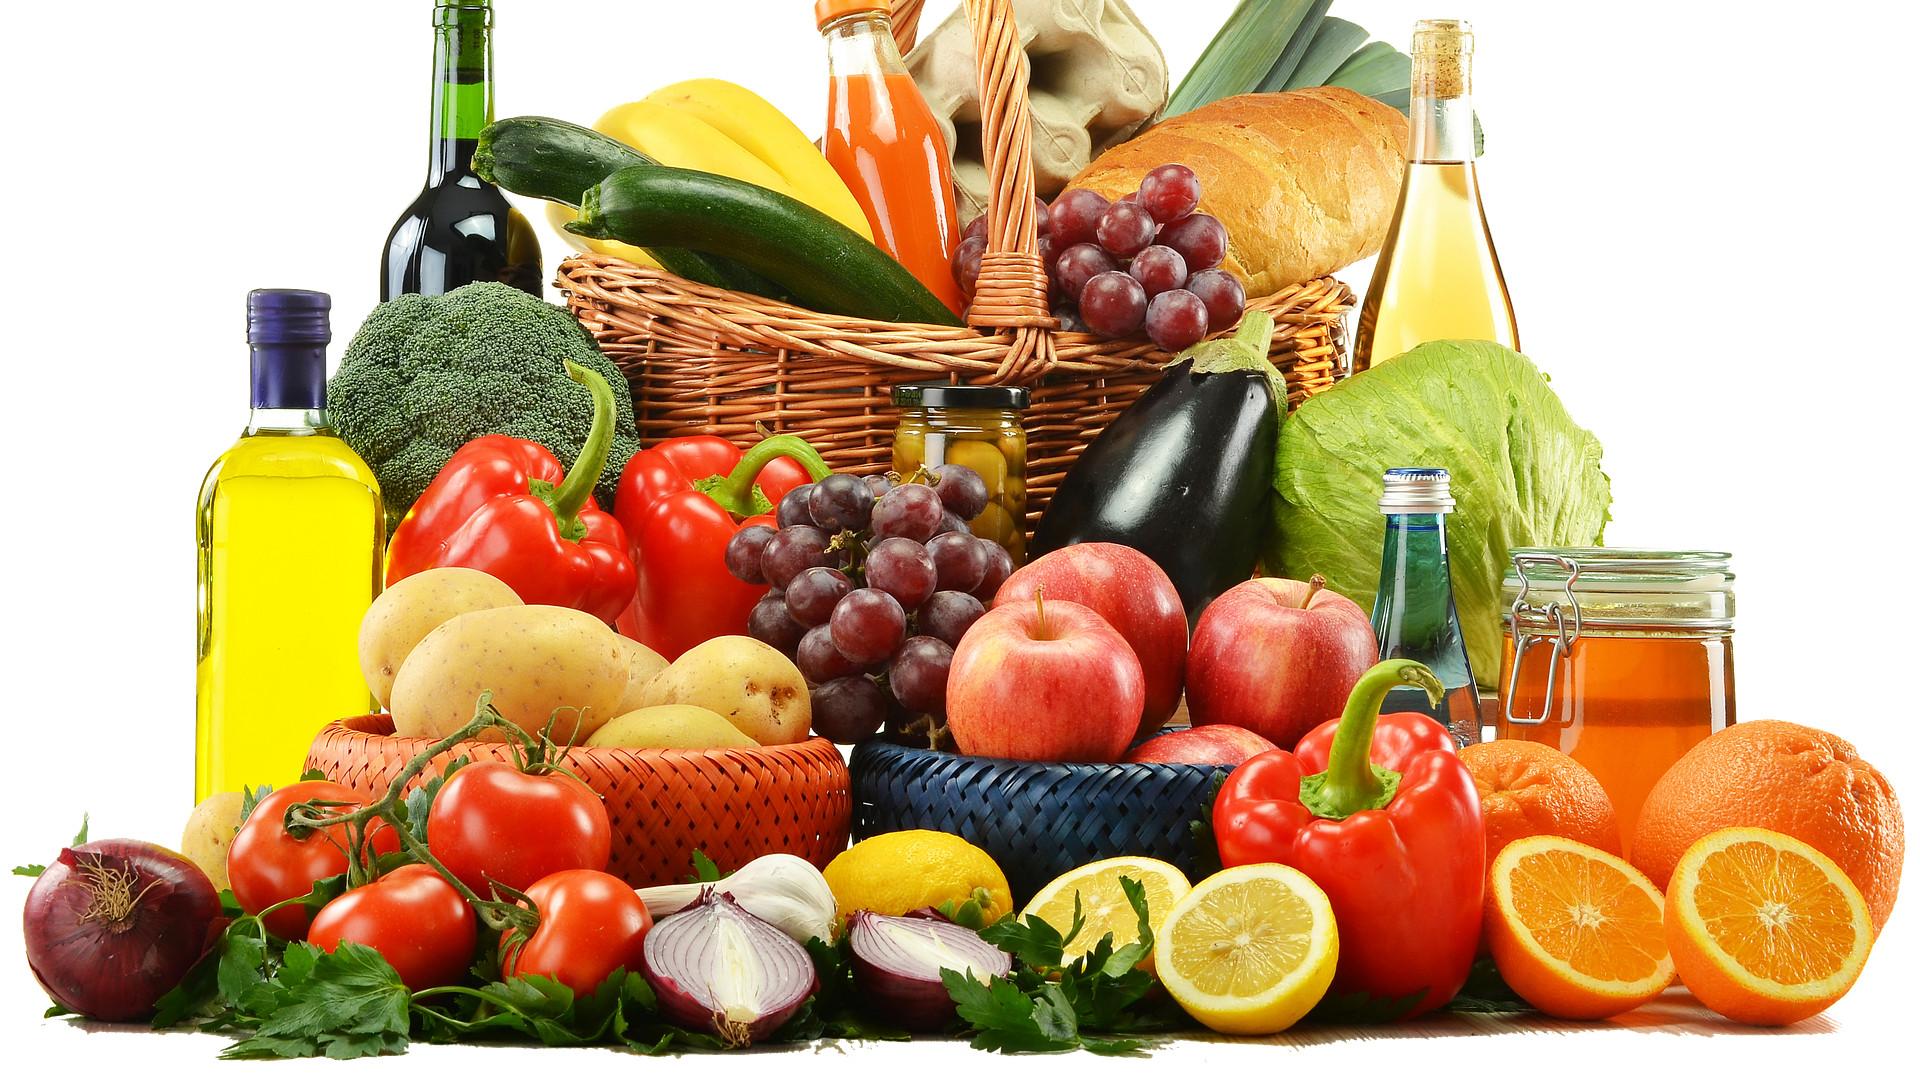 la-temporada-alta-de-frutas-y-verduras-por-estaciones-1920